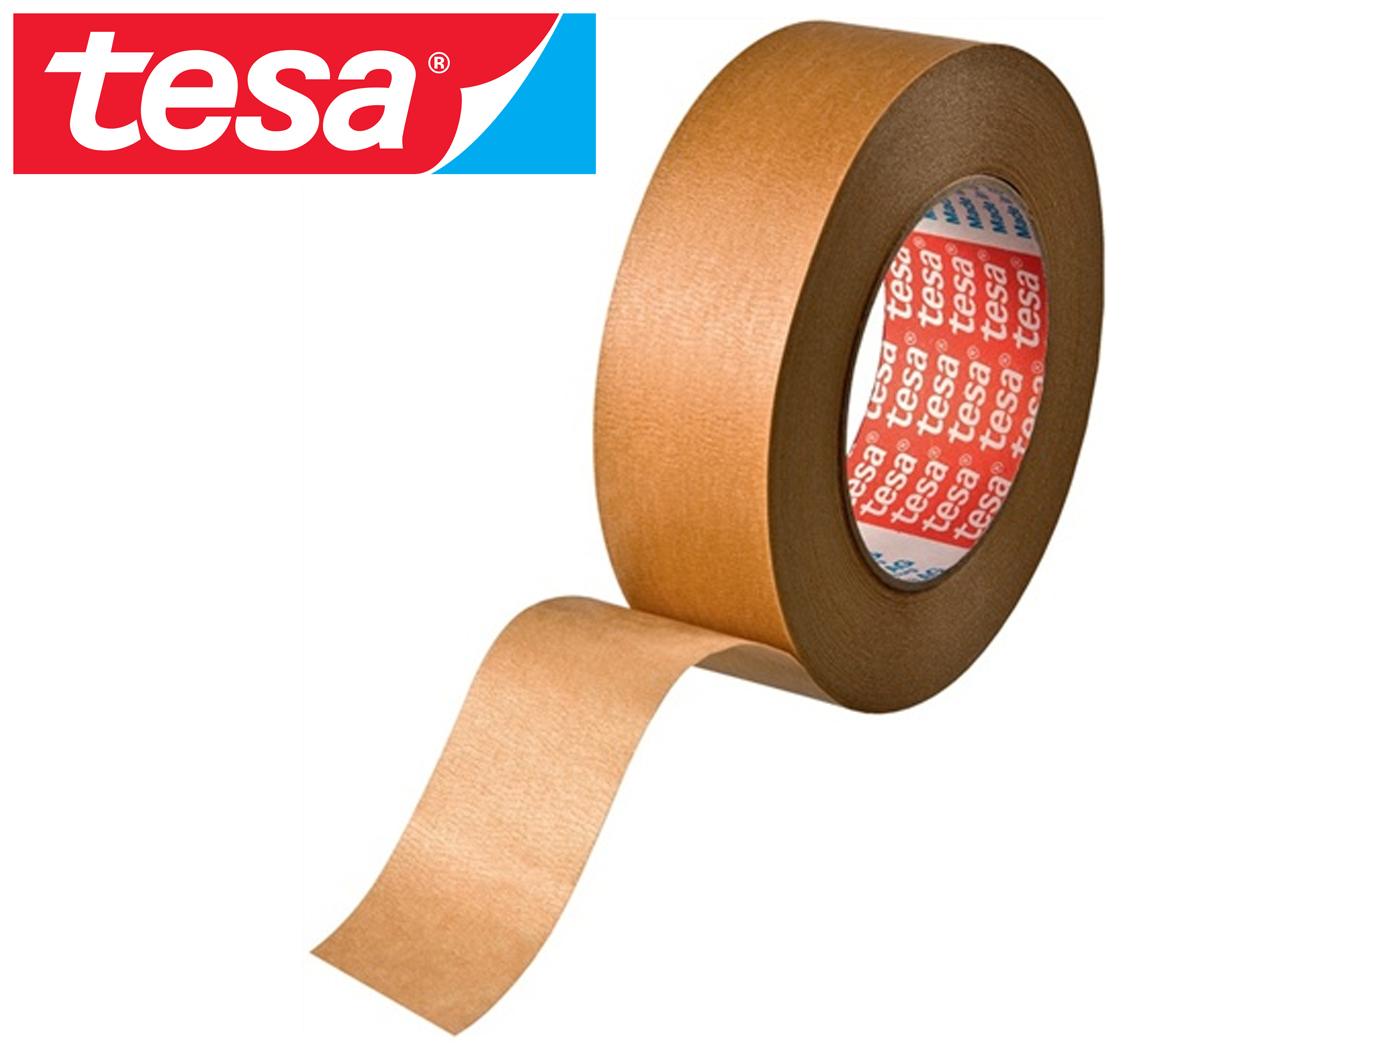 Crêpeband 4304 lengte 50m, breedte 38mm licht gecrêpt kleur bruin tesa